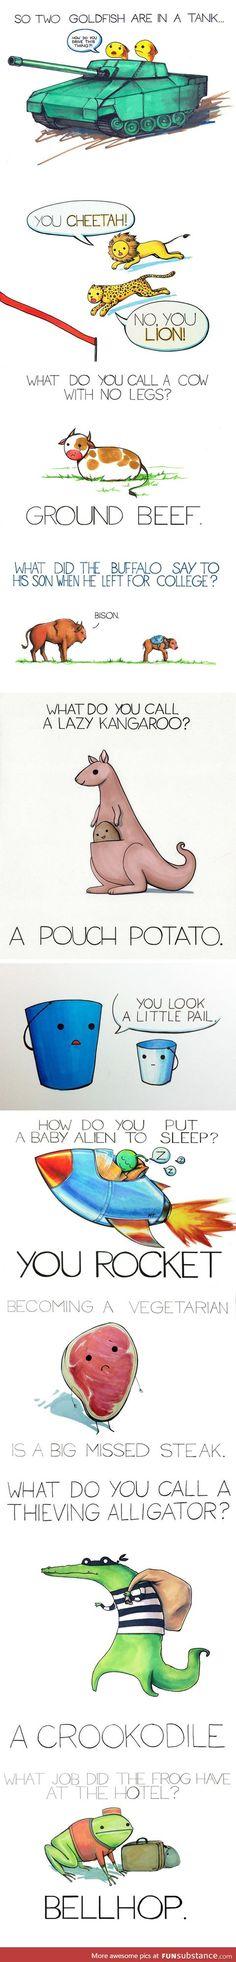 Terrible jokes illustrated